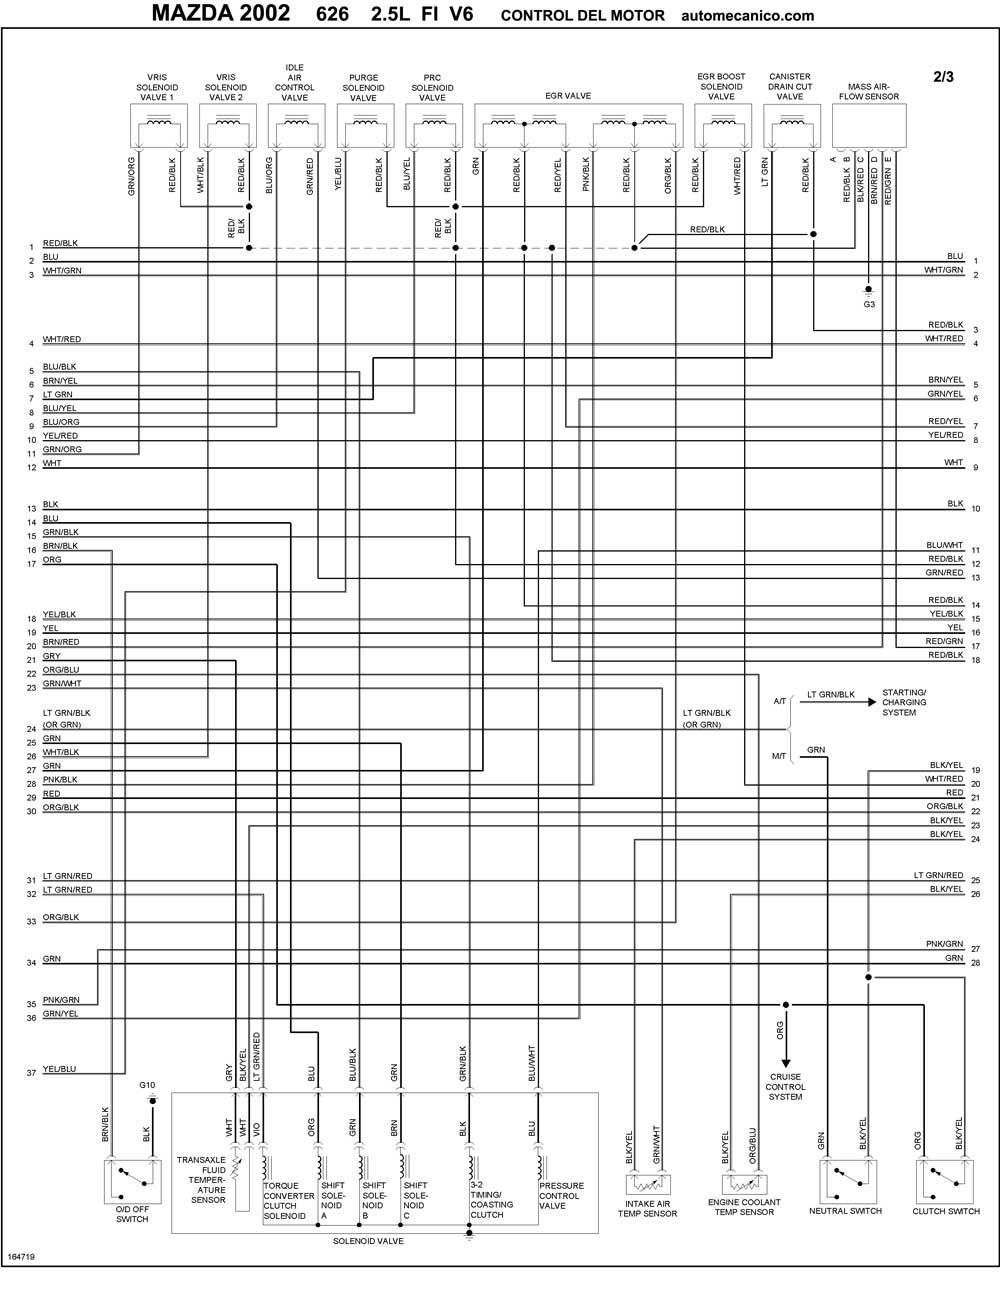 mazda - diagramas control del motor 2002 - graphics - esquemas